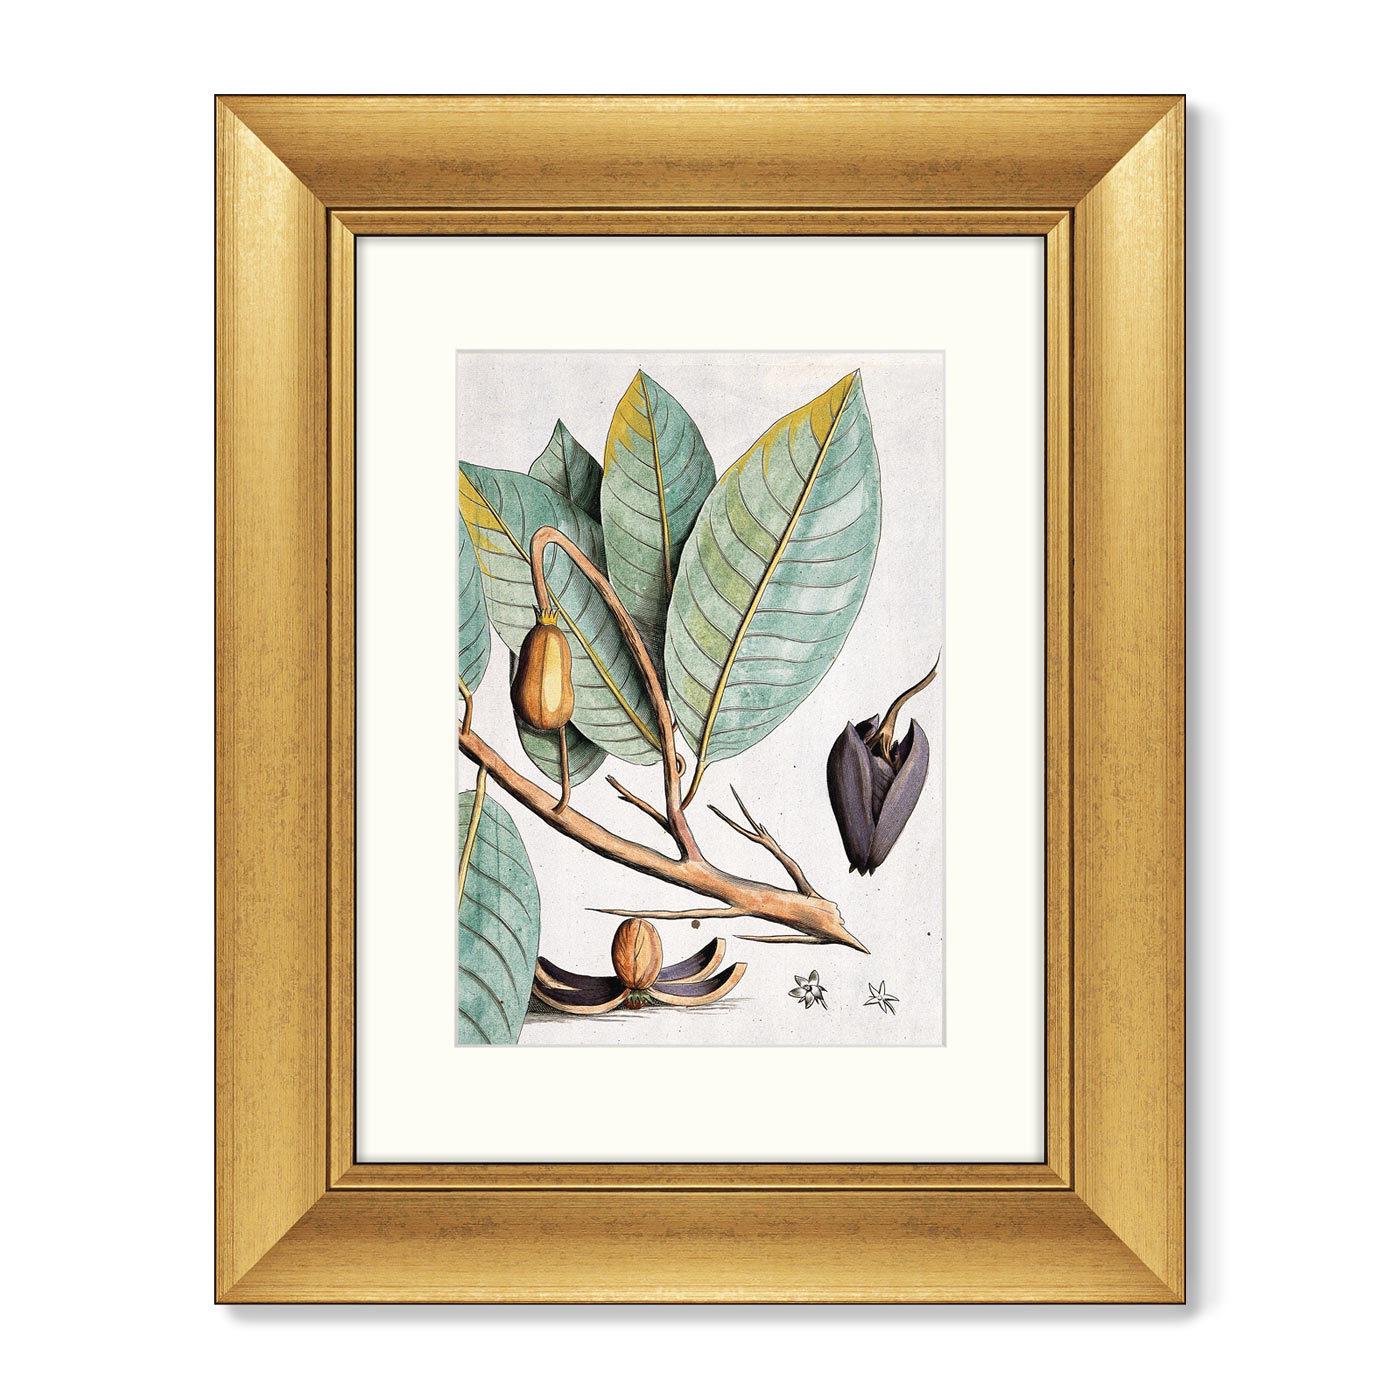 Диптих Exotic plants of the world №5, 1815г. (II), (из 2-х картин)